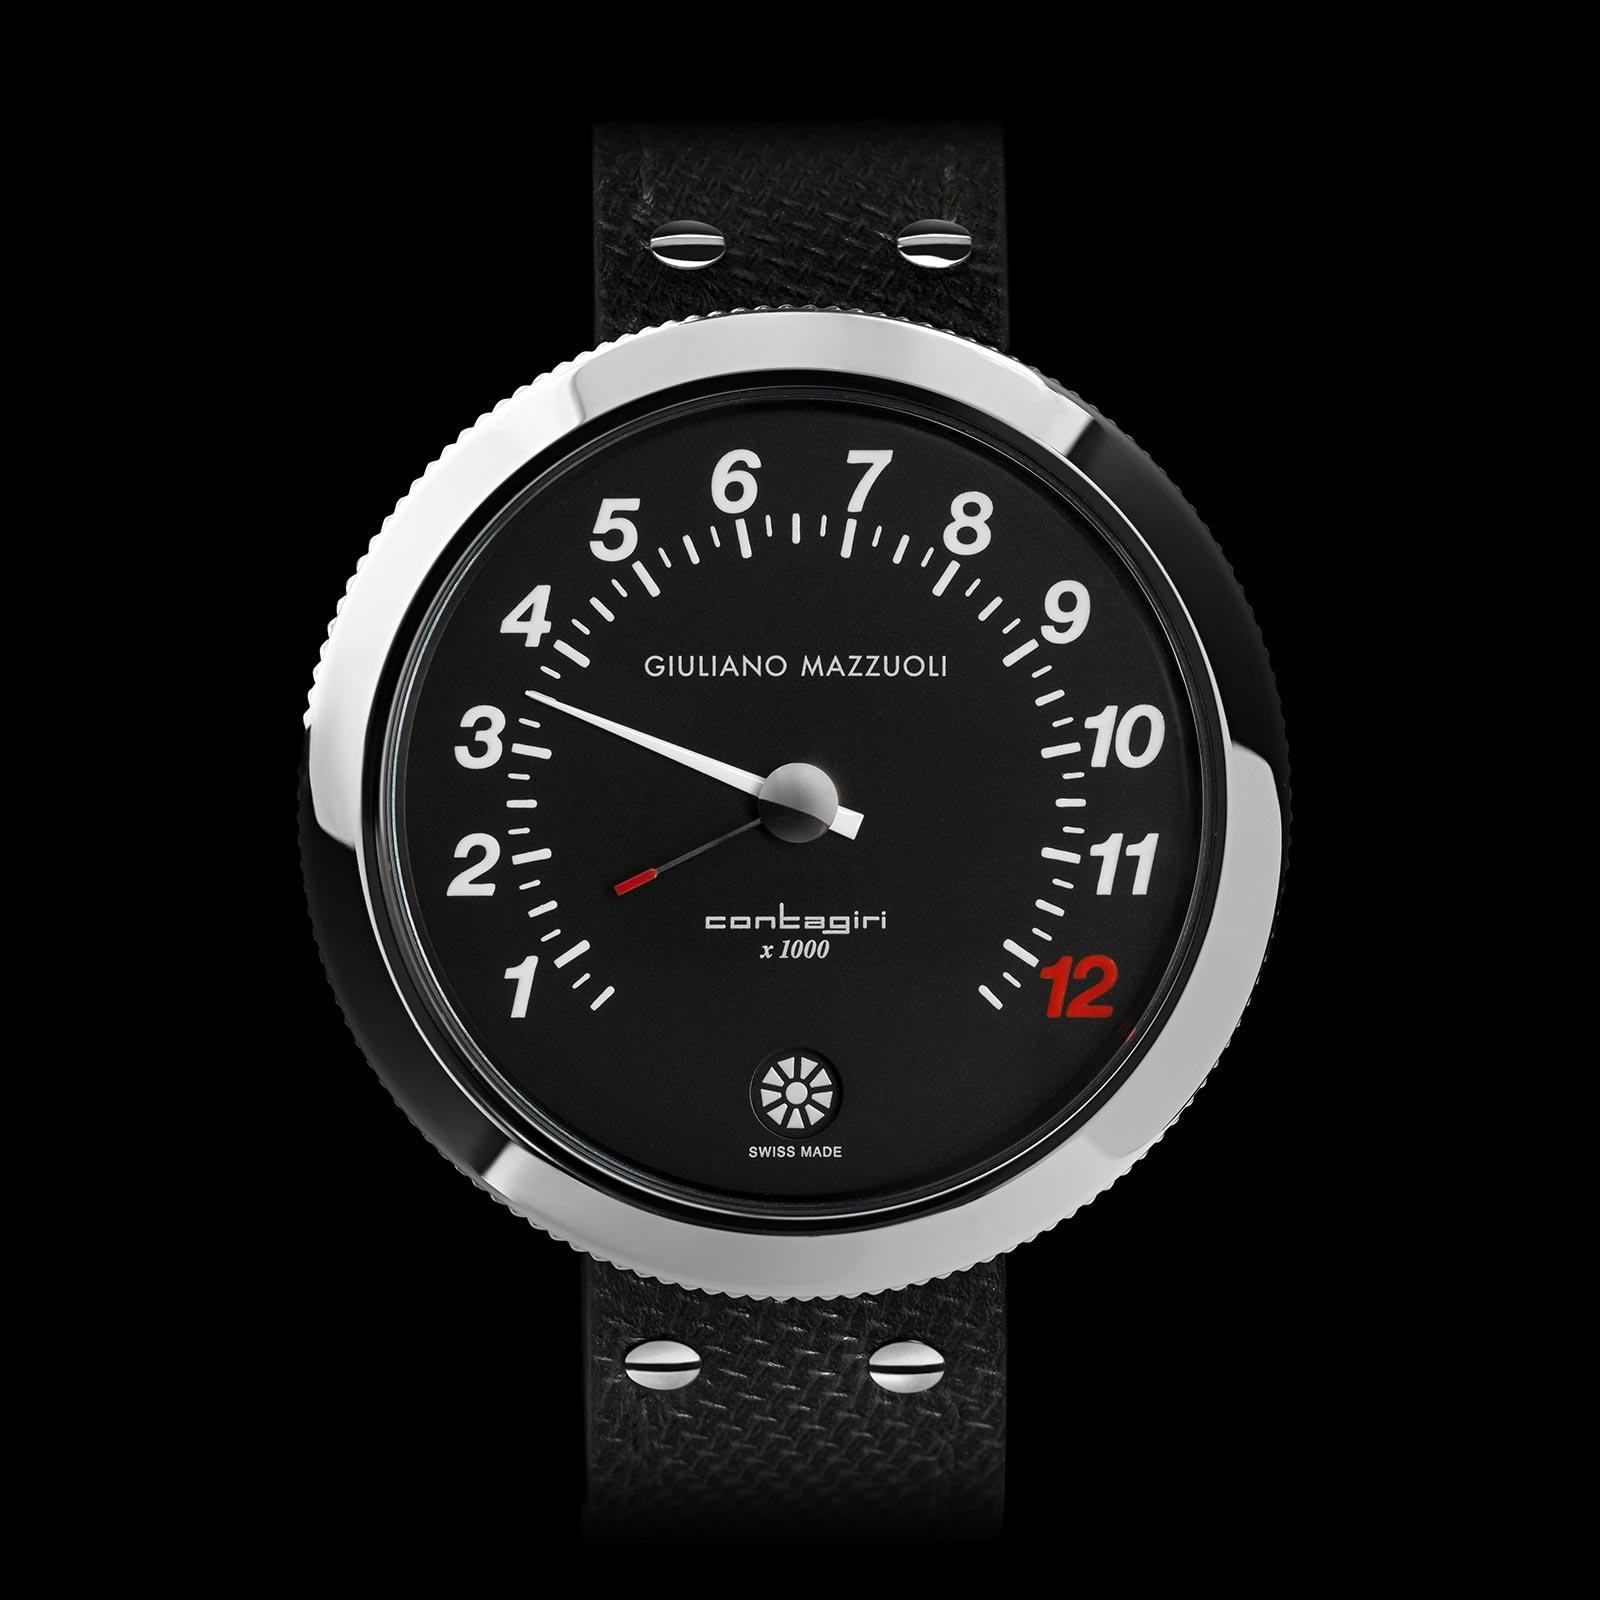 Contagiri matt DLC all-black watch front